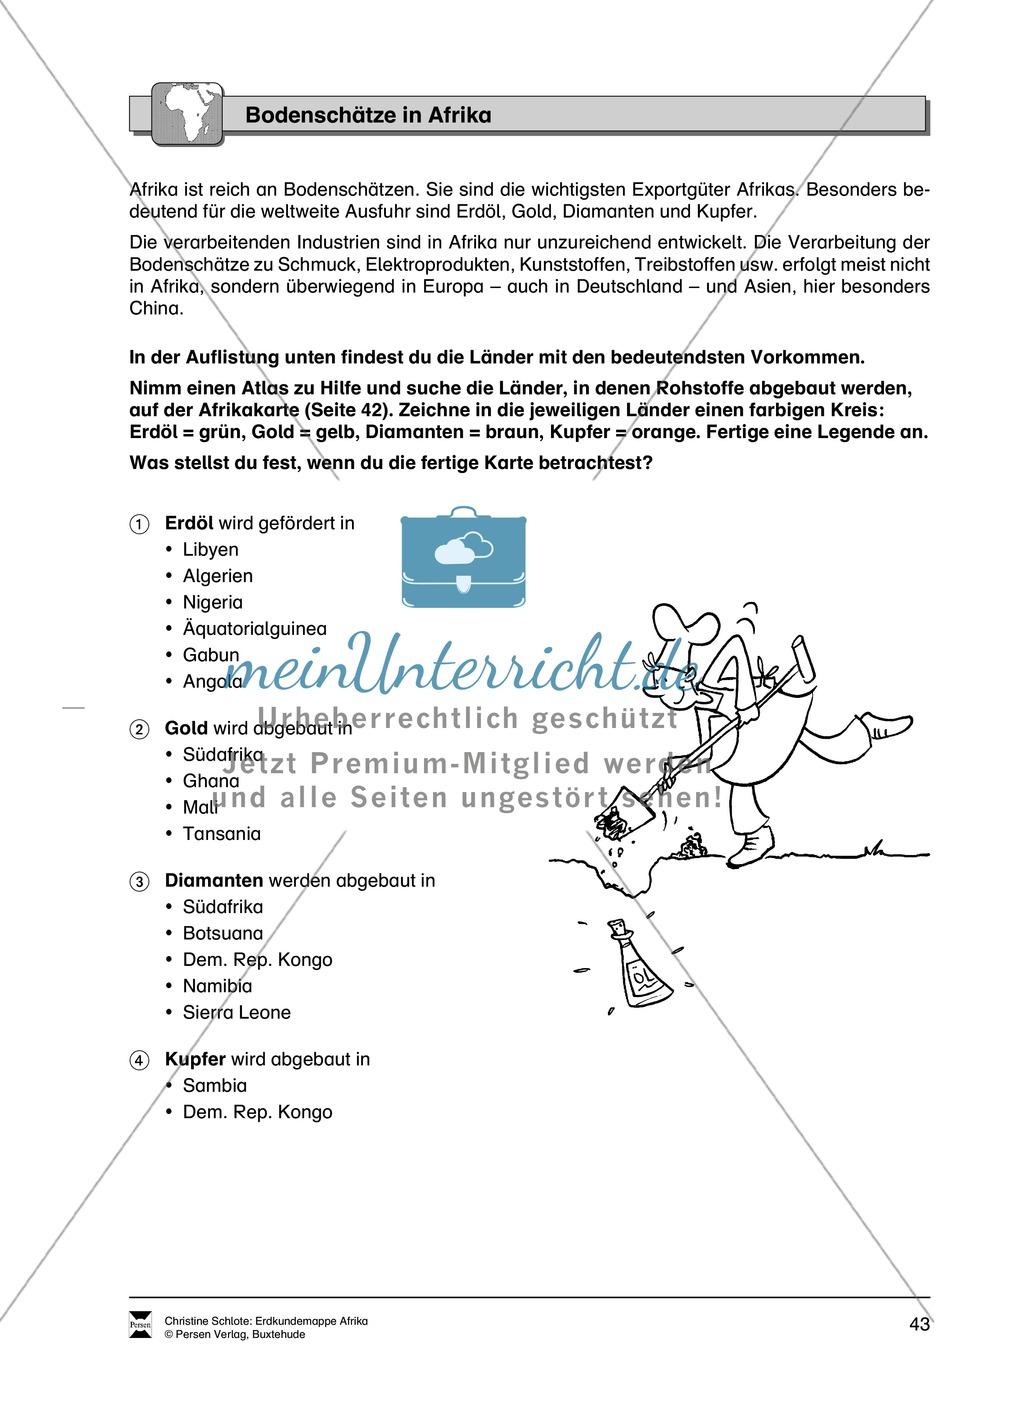 Kopiervorlagen zu Bodenschätzen und Industrie in Afrika: Rätsel + Atlantenarbeit Preview 0